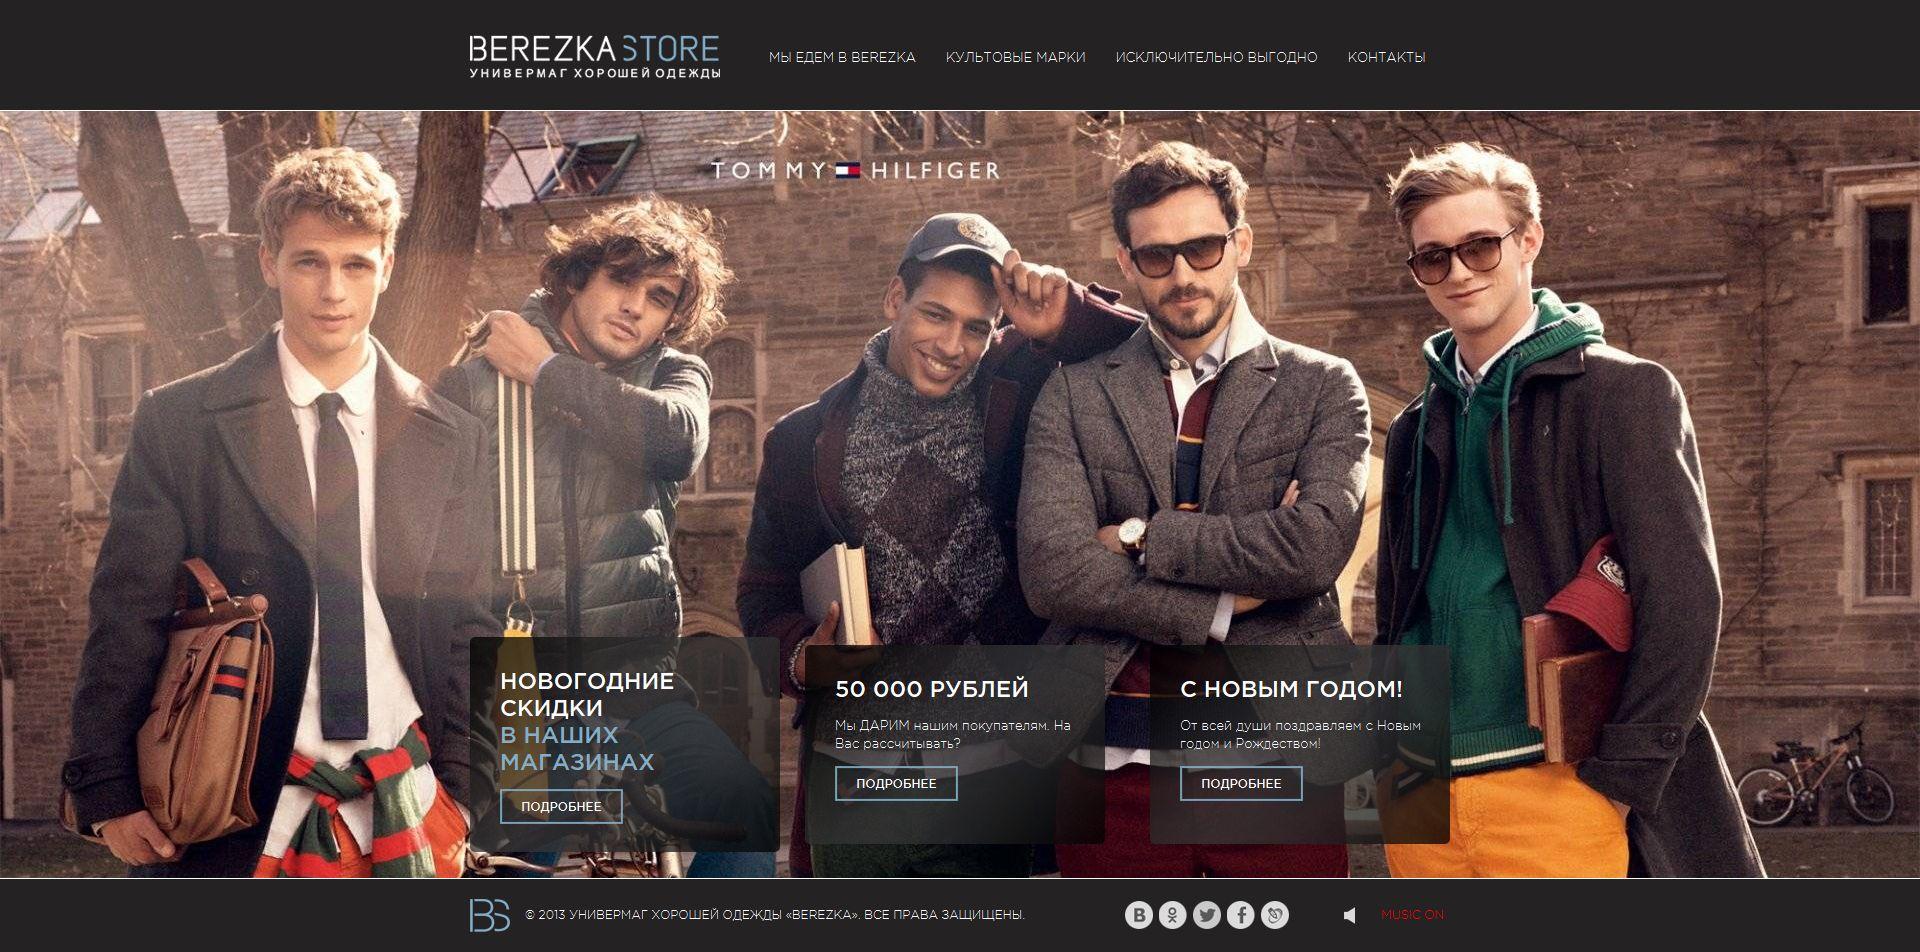 Сайт магазина имиджевой одежды